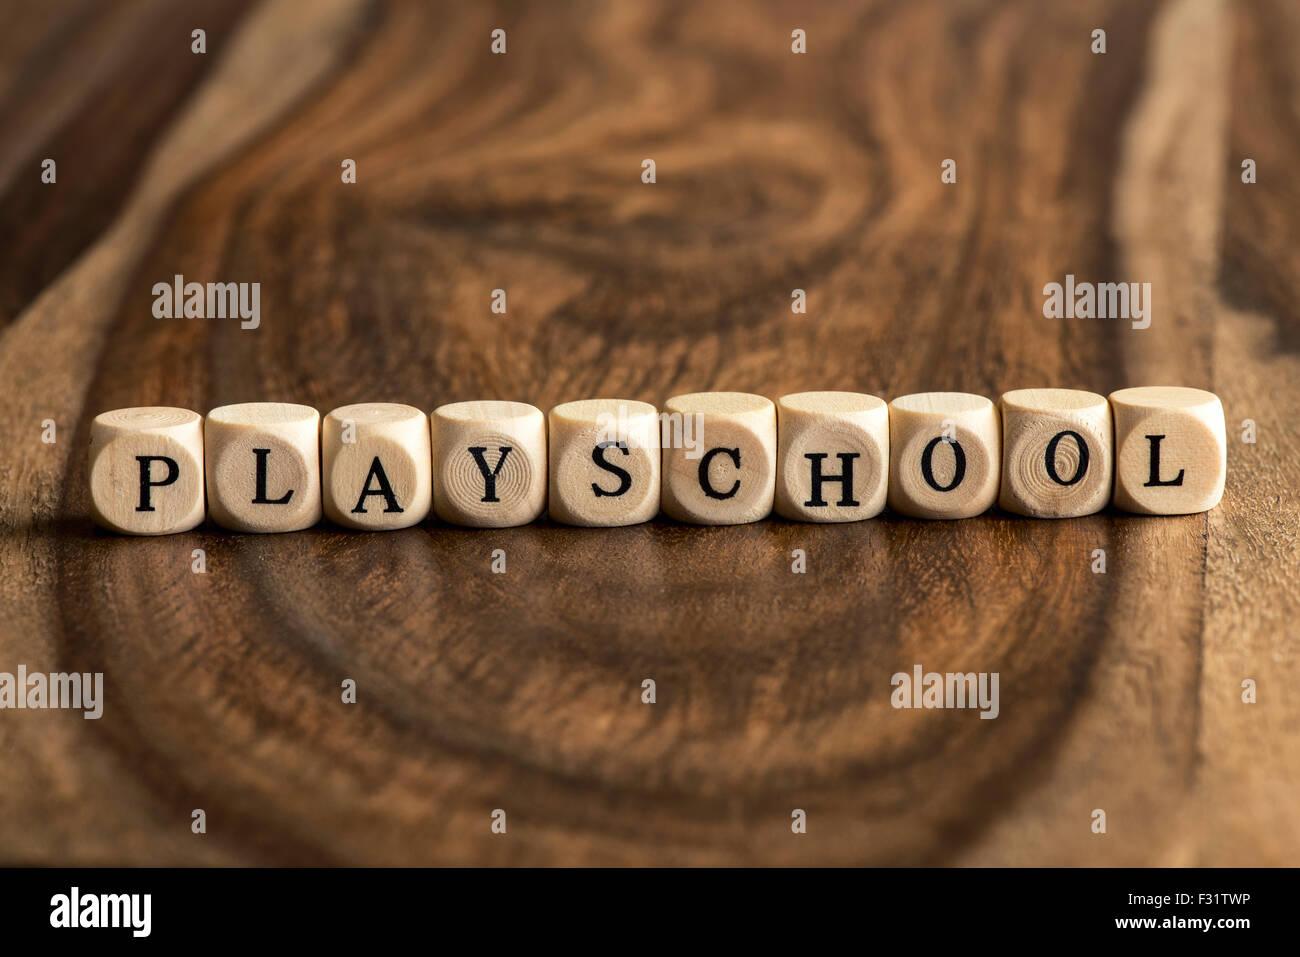 PLAYSCHOOL parola sfondo su blocchi di legno Immagini Stock